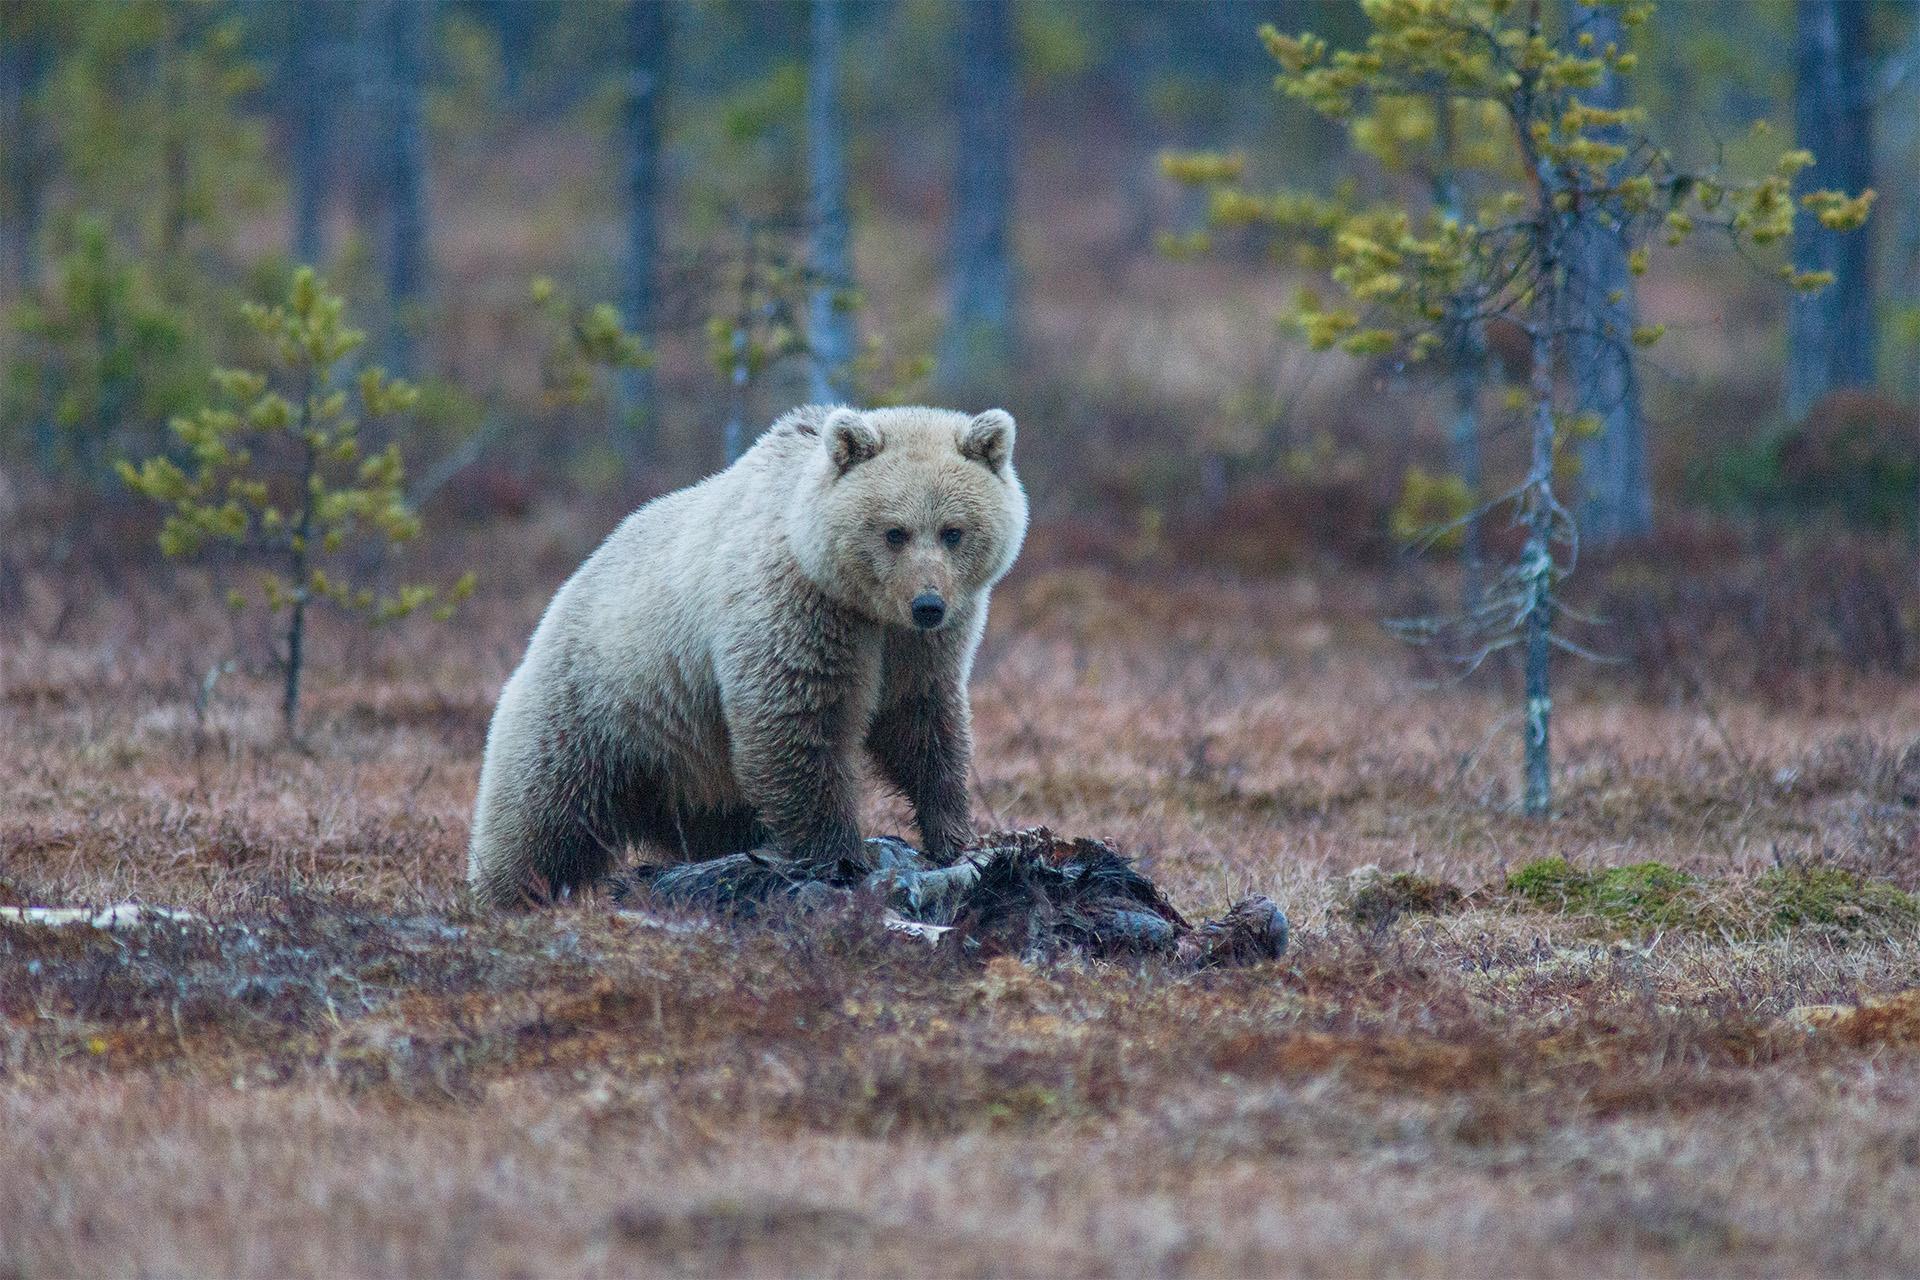 Spana på brunbjörn från gömsle |Foto: Magnus Ström